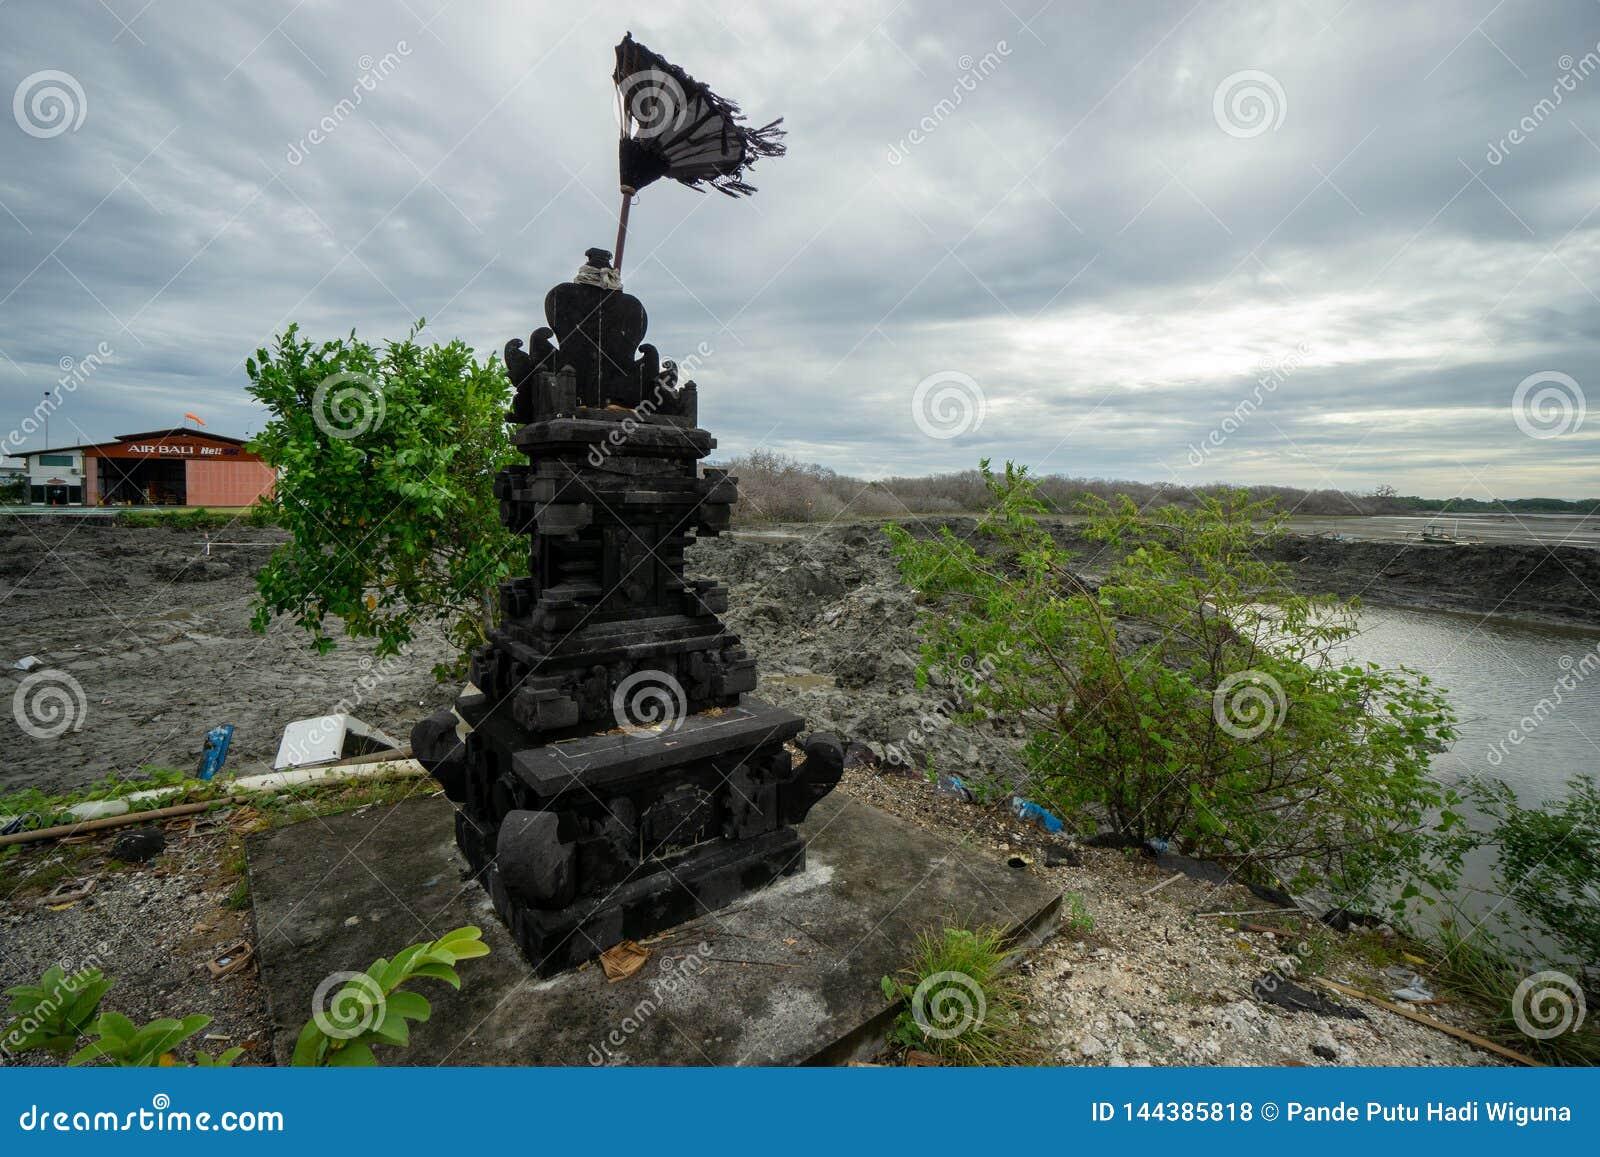 BADUNG, BALI/INDONESIA- 8 MARZO 2019: Statua di pietra naturale nera per il posto d offerta